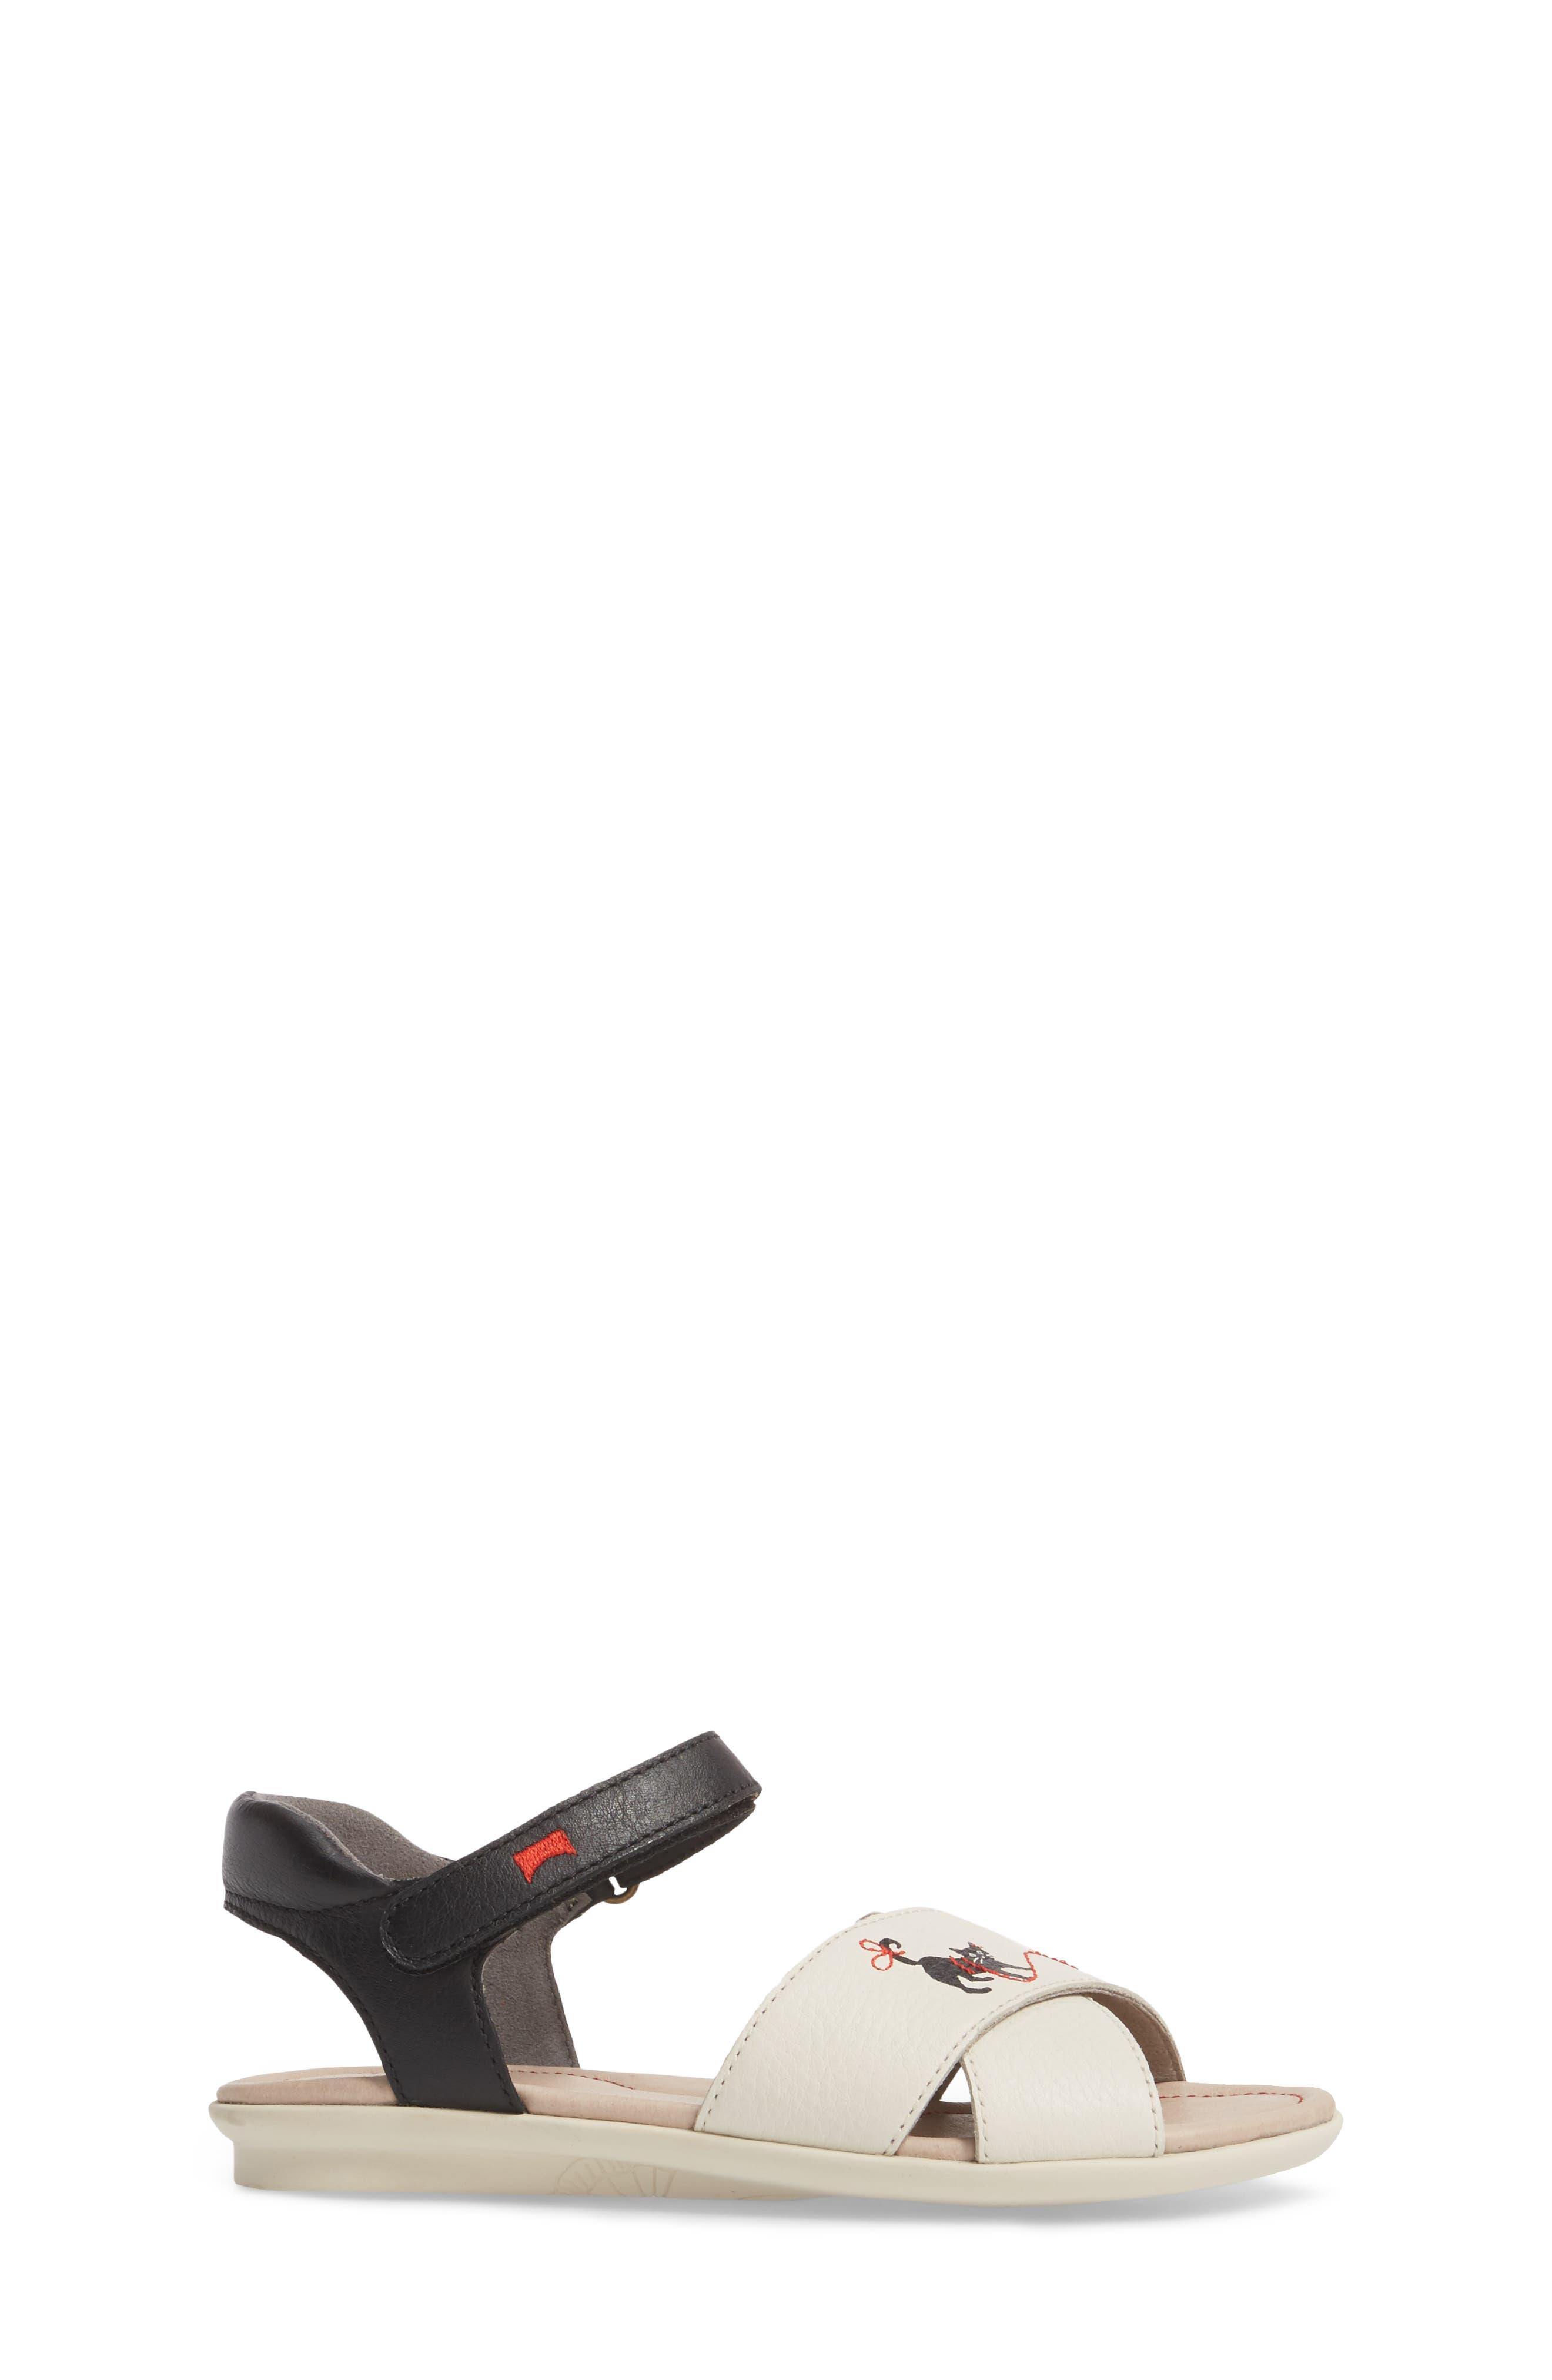 Alternate Image 3  - Camper Twins Sandal (Toddler, Little Kid & Big Kid)